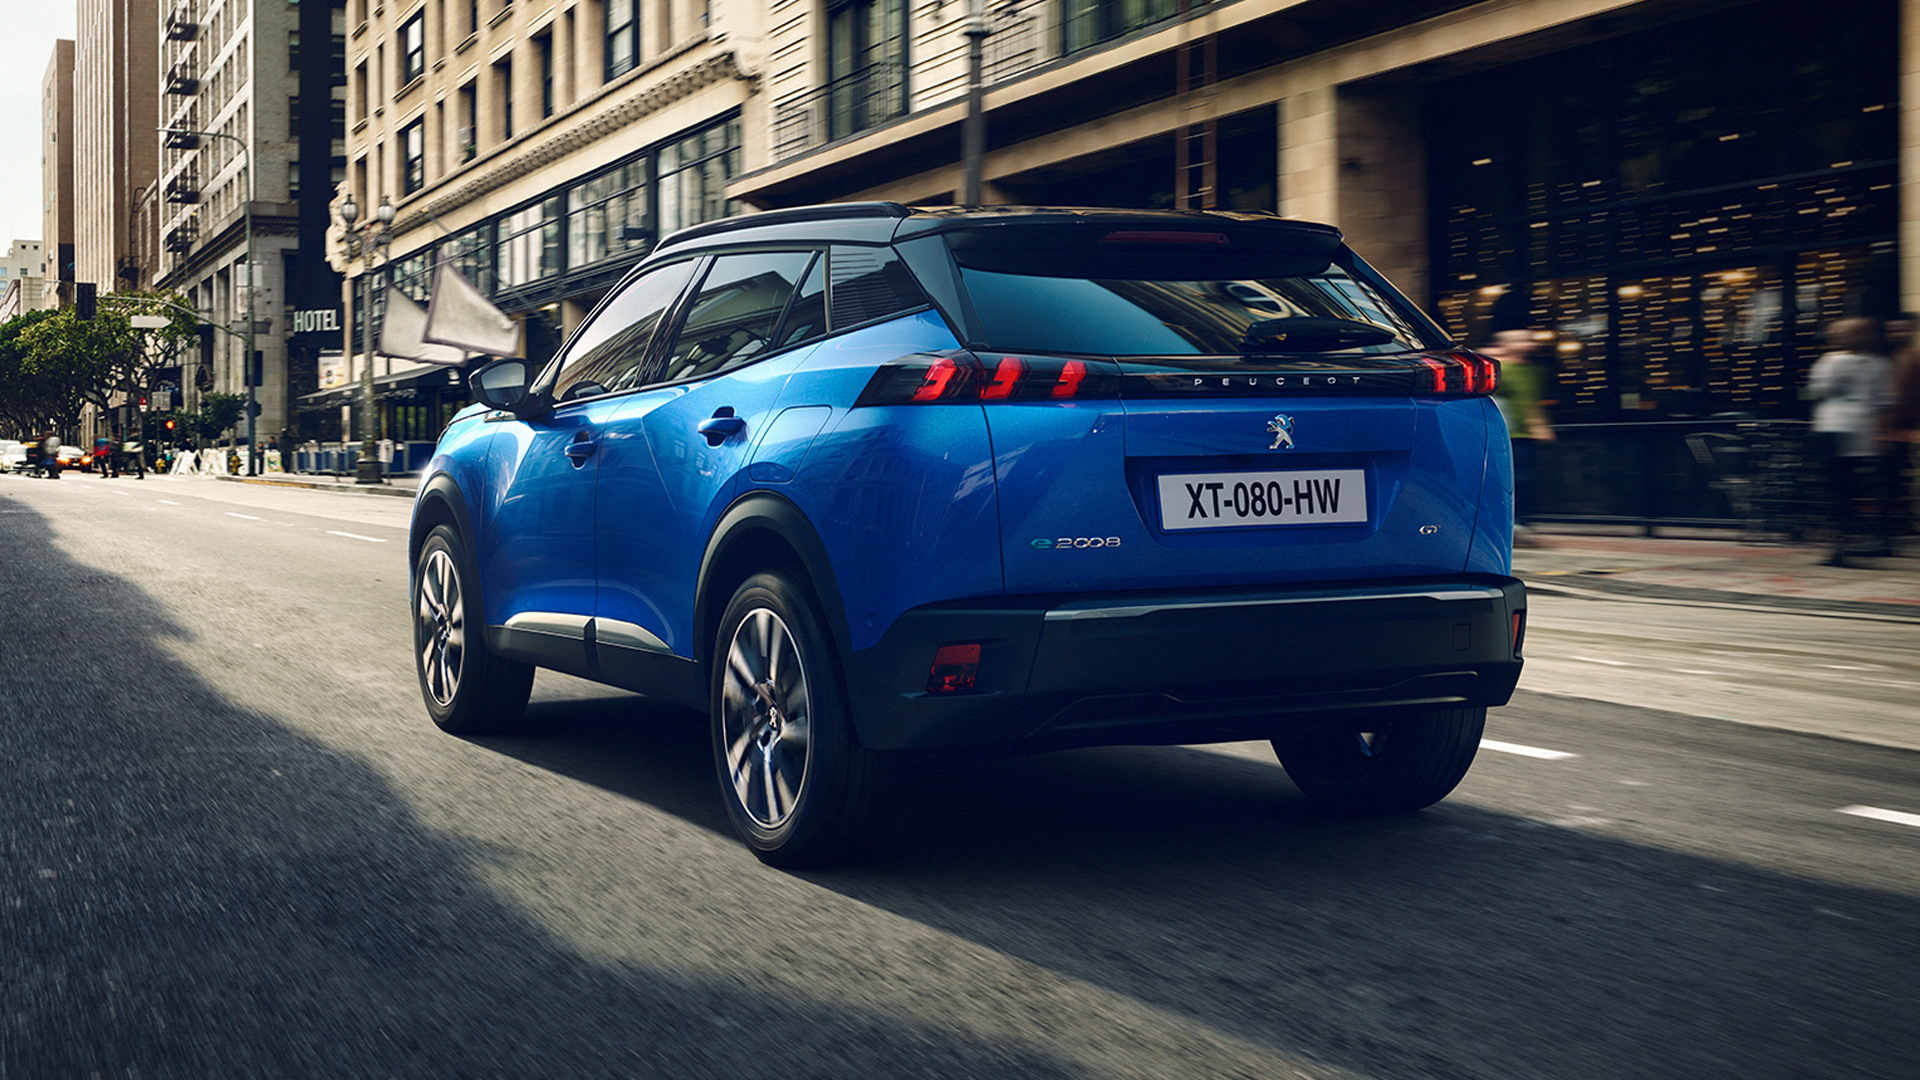 2020 Peugeot 2008